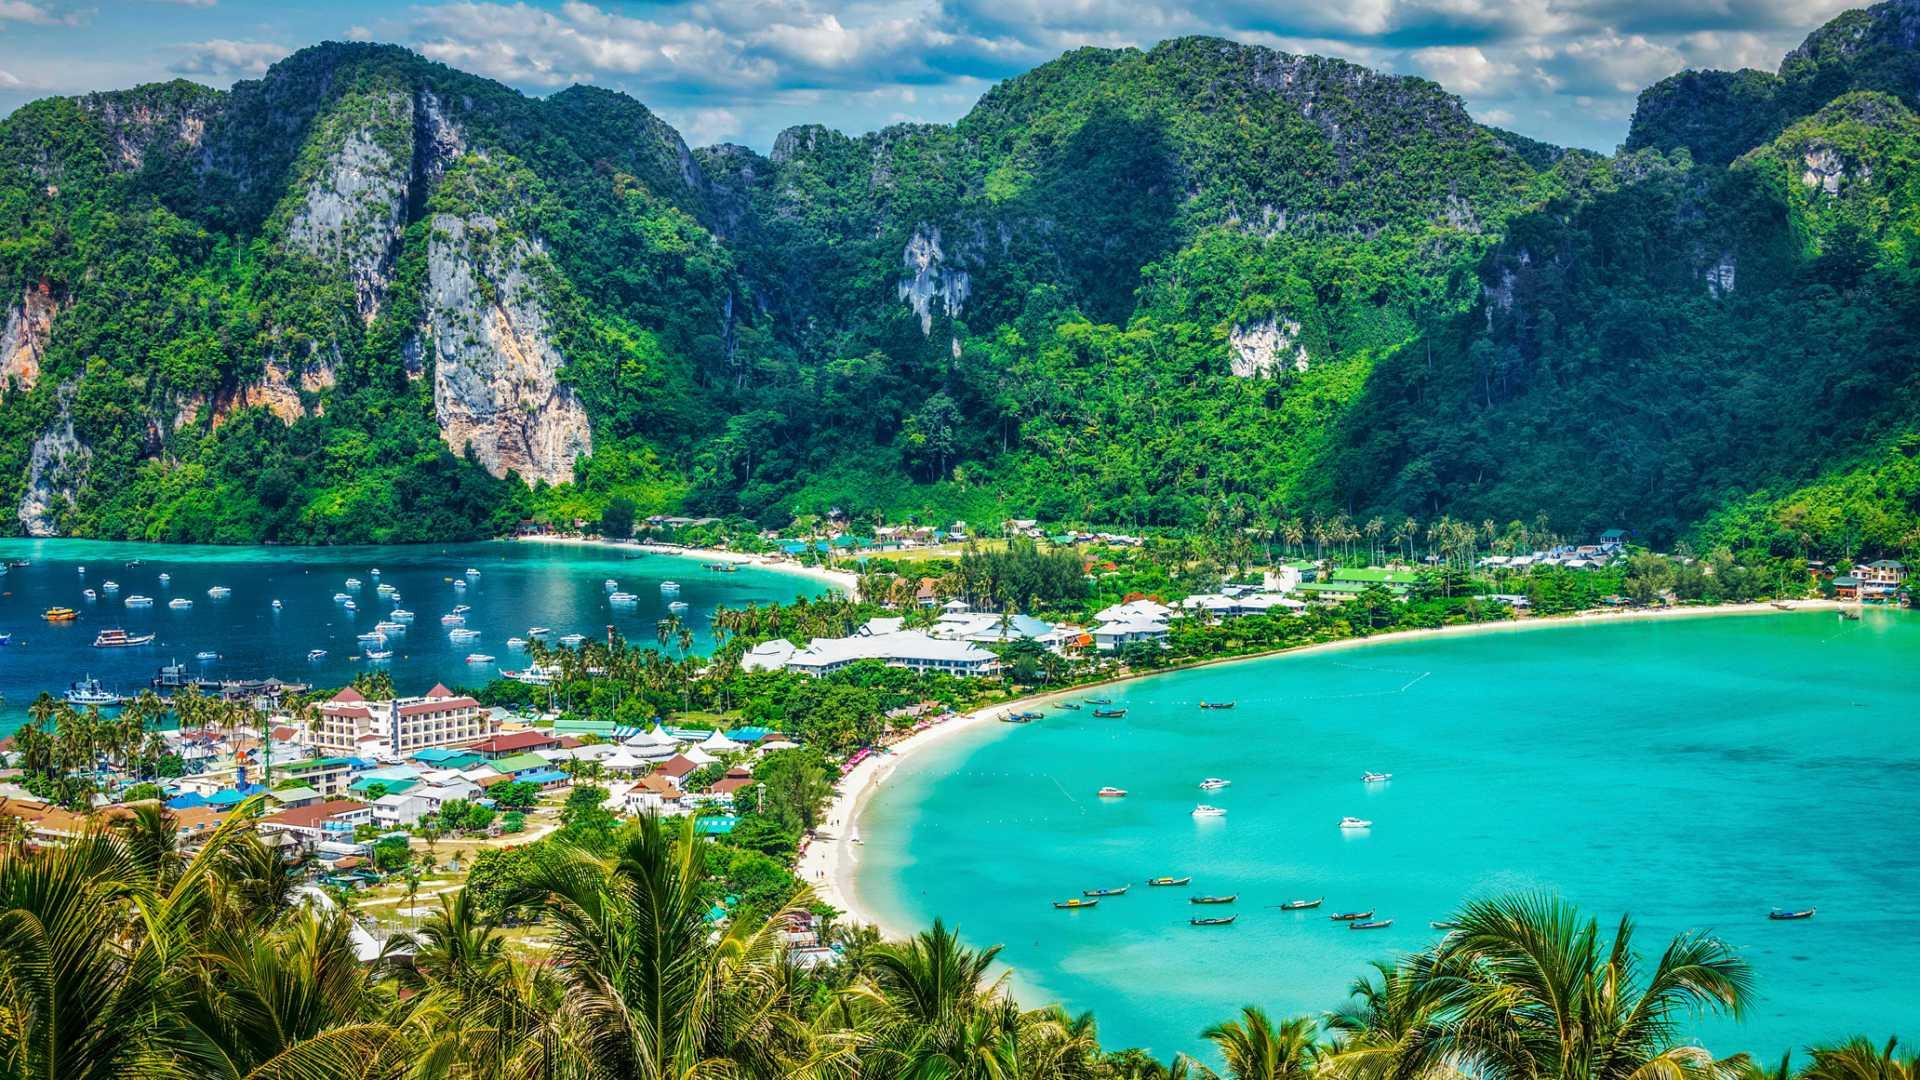 افضل جزر تايلاند لمحبي الاستجمام